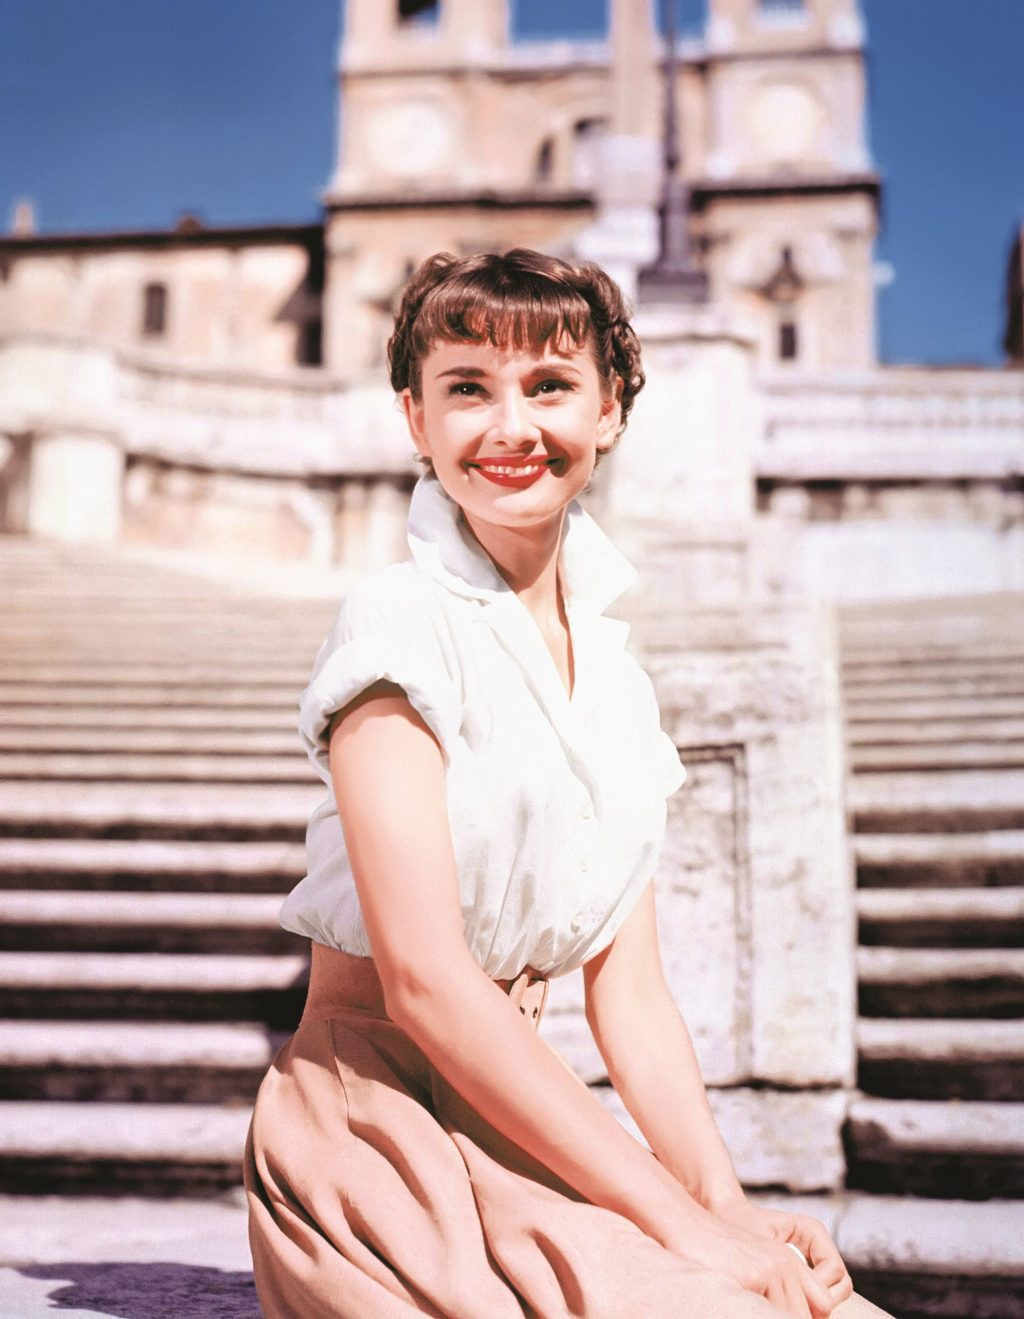 bieu tuong nhan sac Audrey Hepburn anh 10